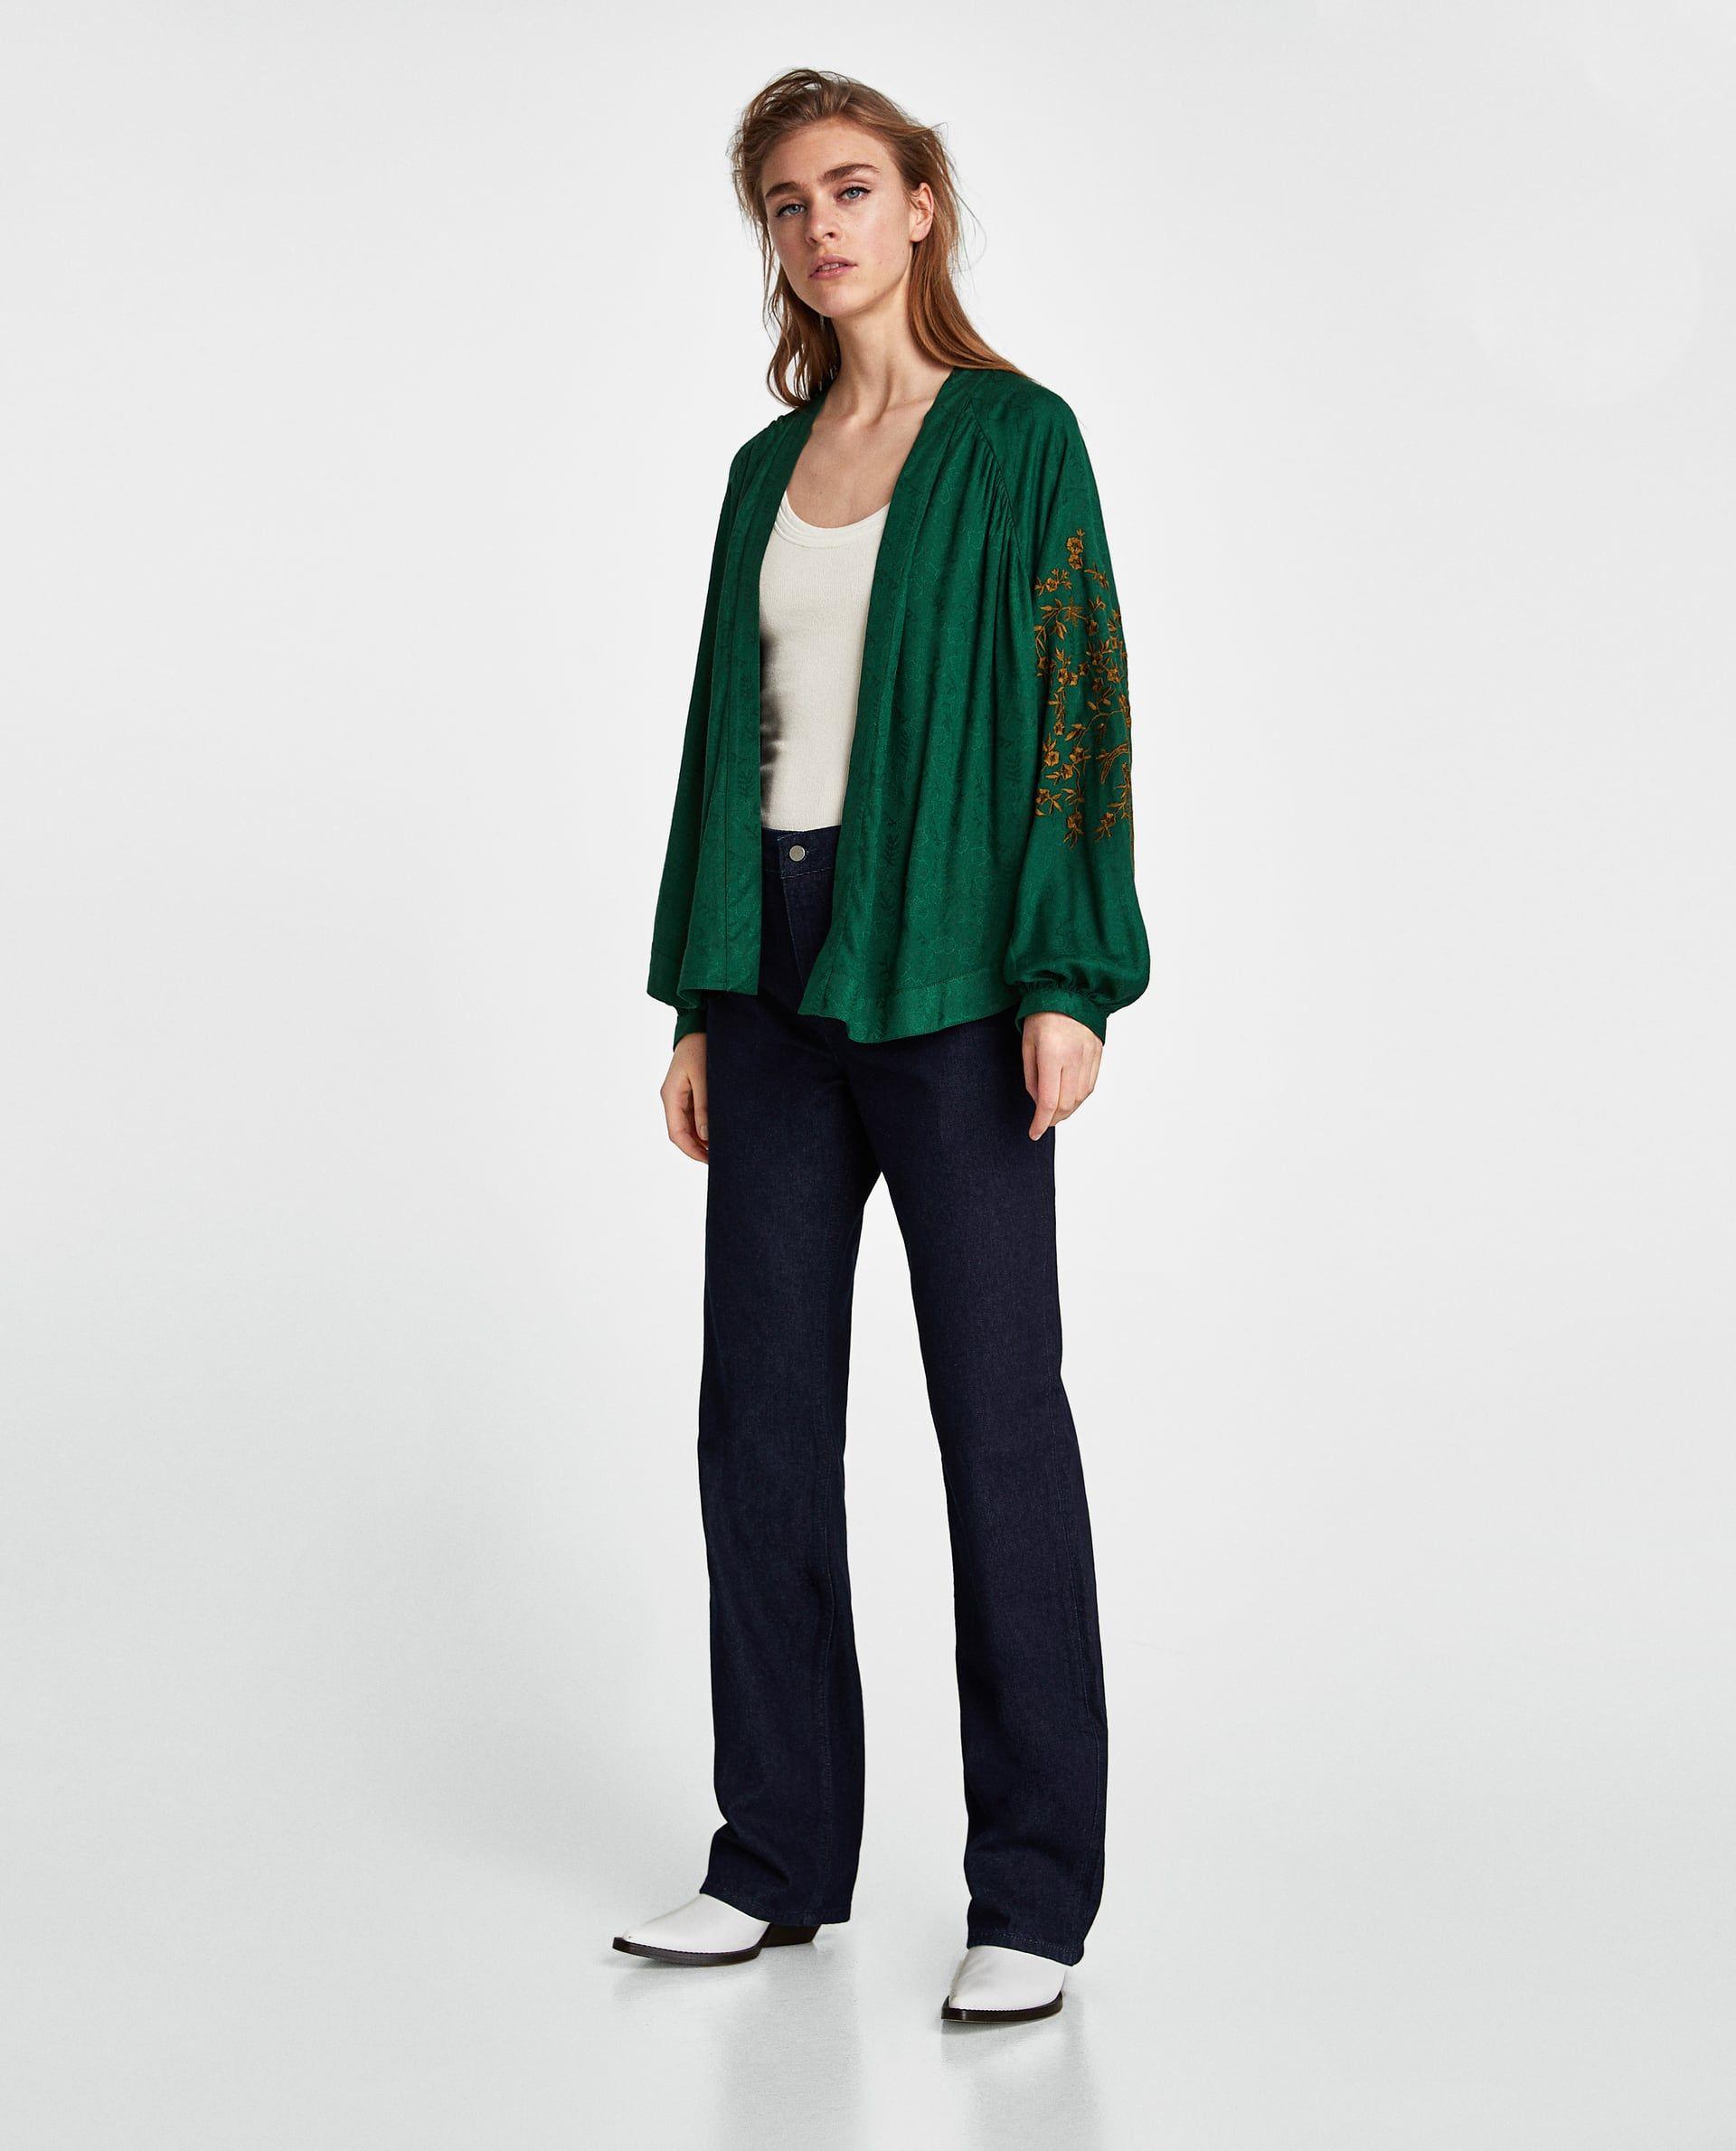 KIMONO JACQUARD BORDADO | Zara | Zara outfit, Kimono ...